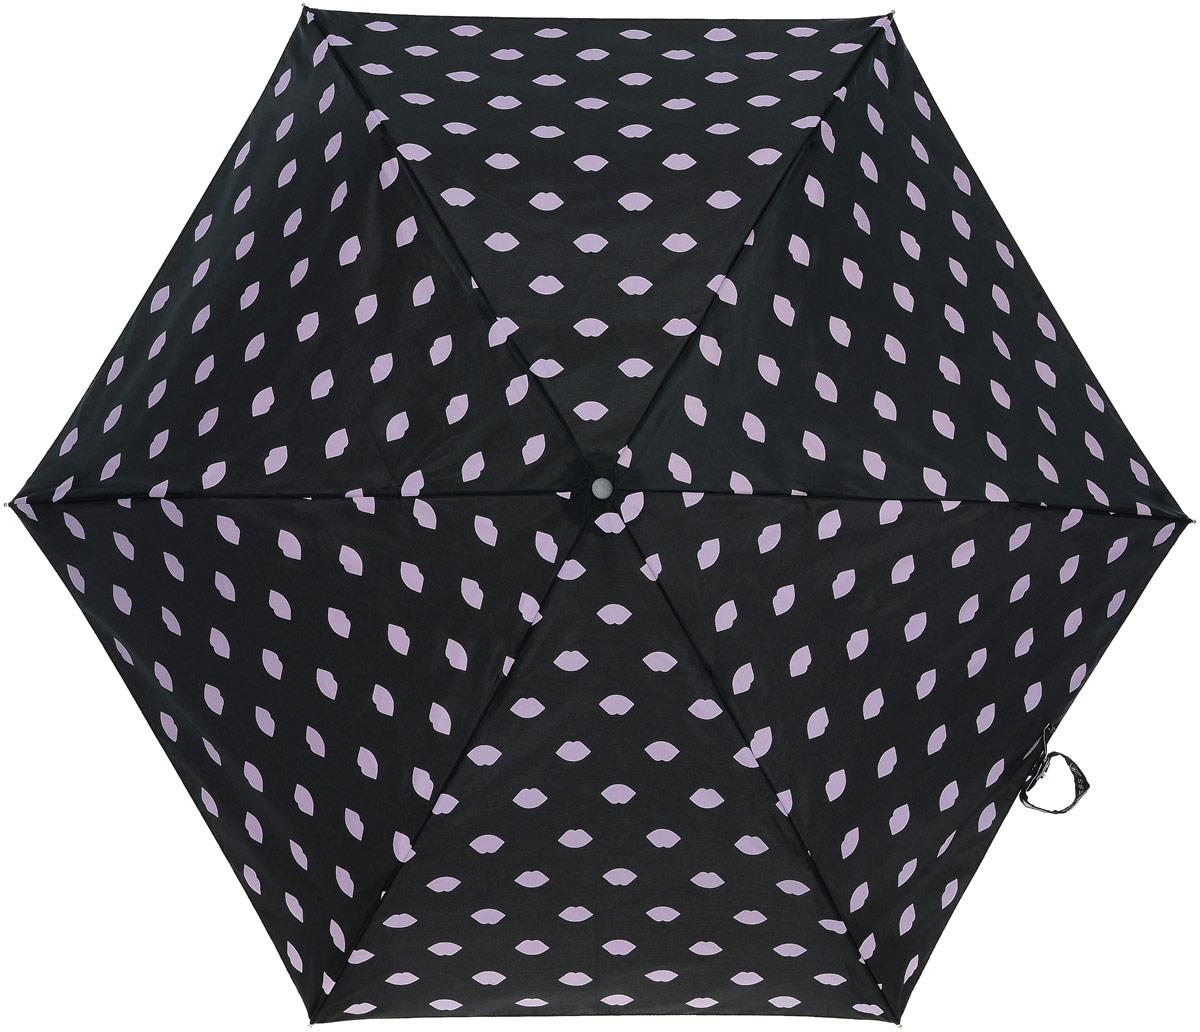 Зонт женский Lulu Guinness Superslim, механический, 3 сложения, цвет: черный, бледно-розовый. L718-2875L718-2875 LipsprintСтильный механический зонт Lulu Guinness Superslim в 3 сложения даже в ненастную погоду позволит вам оставаться элегантной. Облегченный каркас зонта выполнен из 6 спиц из фибергласса и алюминия, стержень также изготовлен из алюминия, удобная рукоятка - из пластика. Купол зонта выполнен из прочного полиэстера. В закрытом виде застегивается хлястиком на кнопке. Яркий оригинальный принт в виде изображения губ поднимет настроение в дождливый день. Зонт механического сложения: купол открывается и закрывается вручную до характерного щелчка. На рукоятке для удобства есть небольшой шнурок, позволяющий надеть зонт на руку тогда, когда это будет необходимо. К зонту прилагается чехол, который дополнительно застегивается на липучку, с небольшой нашивкой с названием бренда. Такой зонт компактно располагается в кармане, сумочке, дверке автомобиля.